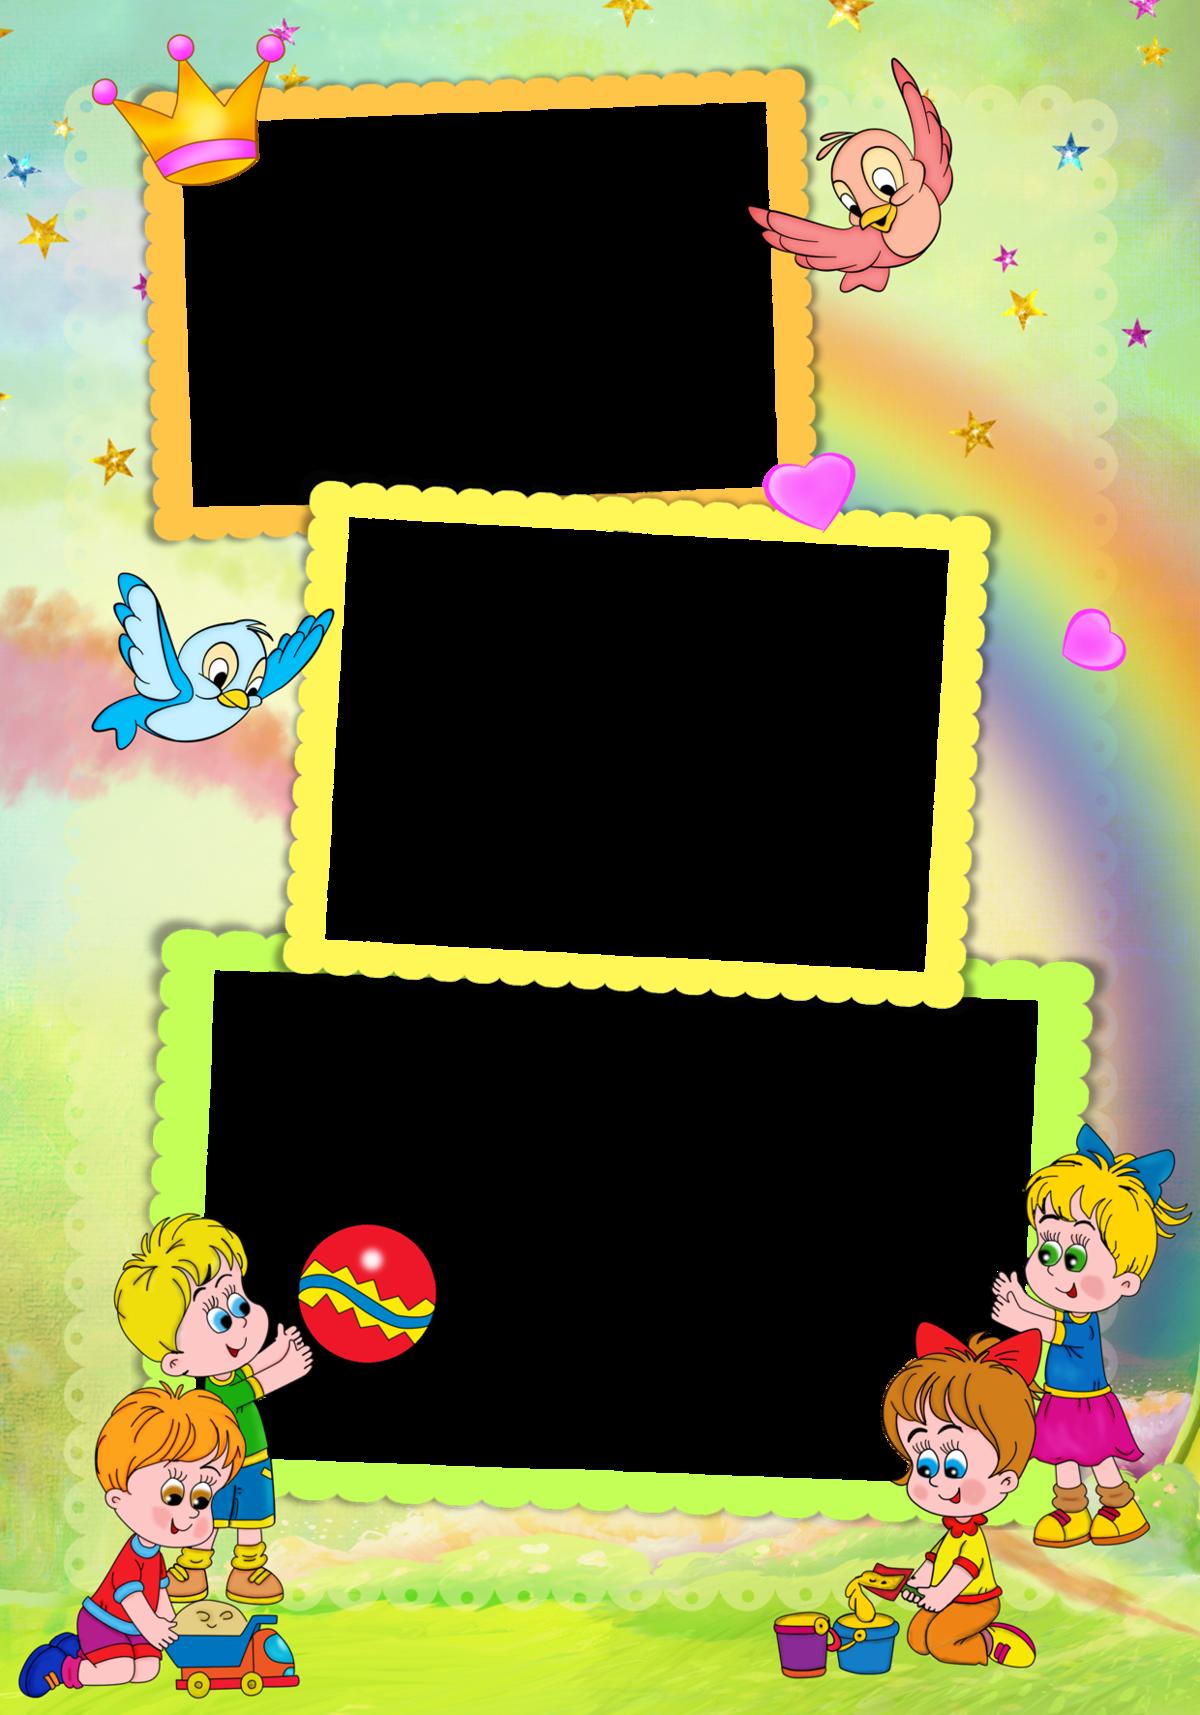 Необычная, картинки рамки для детей в детском саду